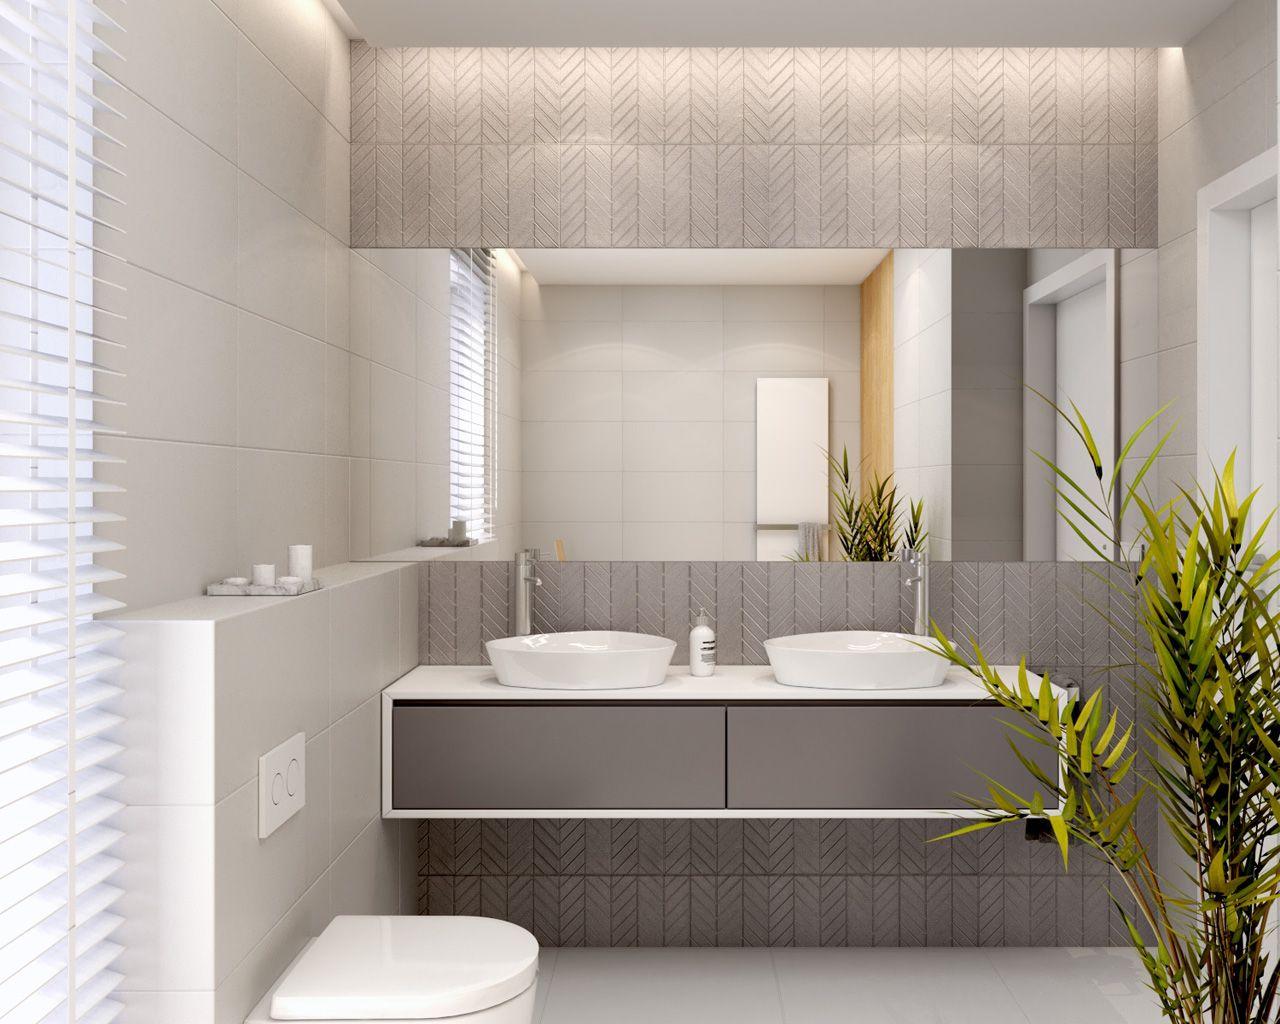 Jasna łazienka Zaaranżowana W Nowoczesnym Stylu Ceramika